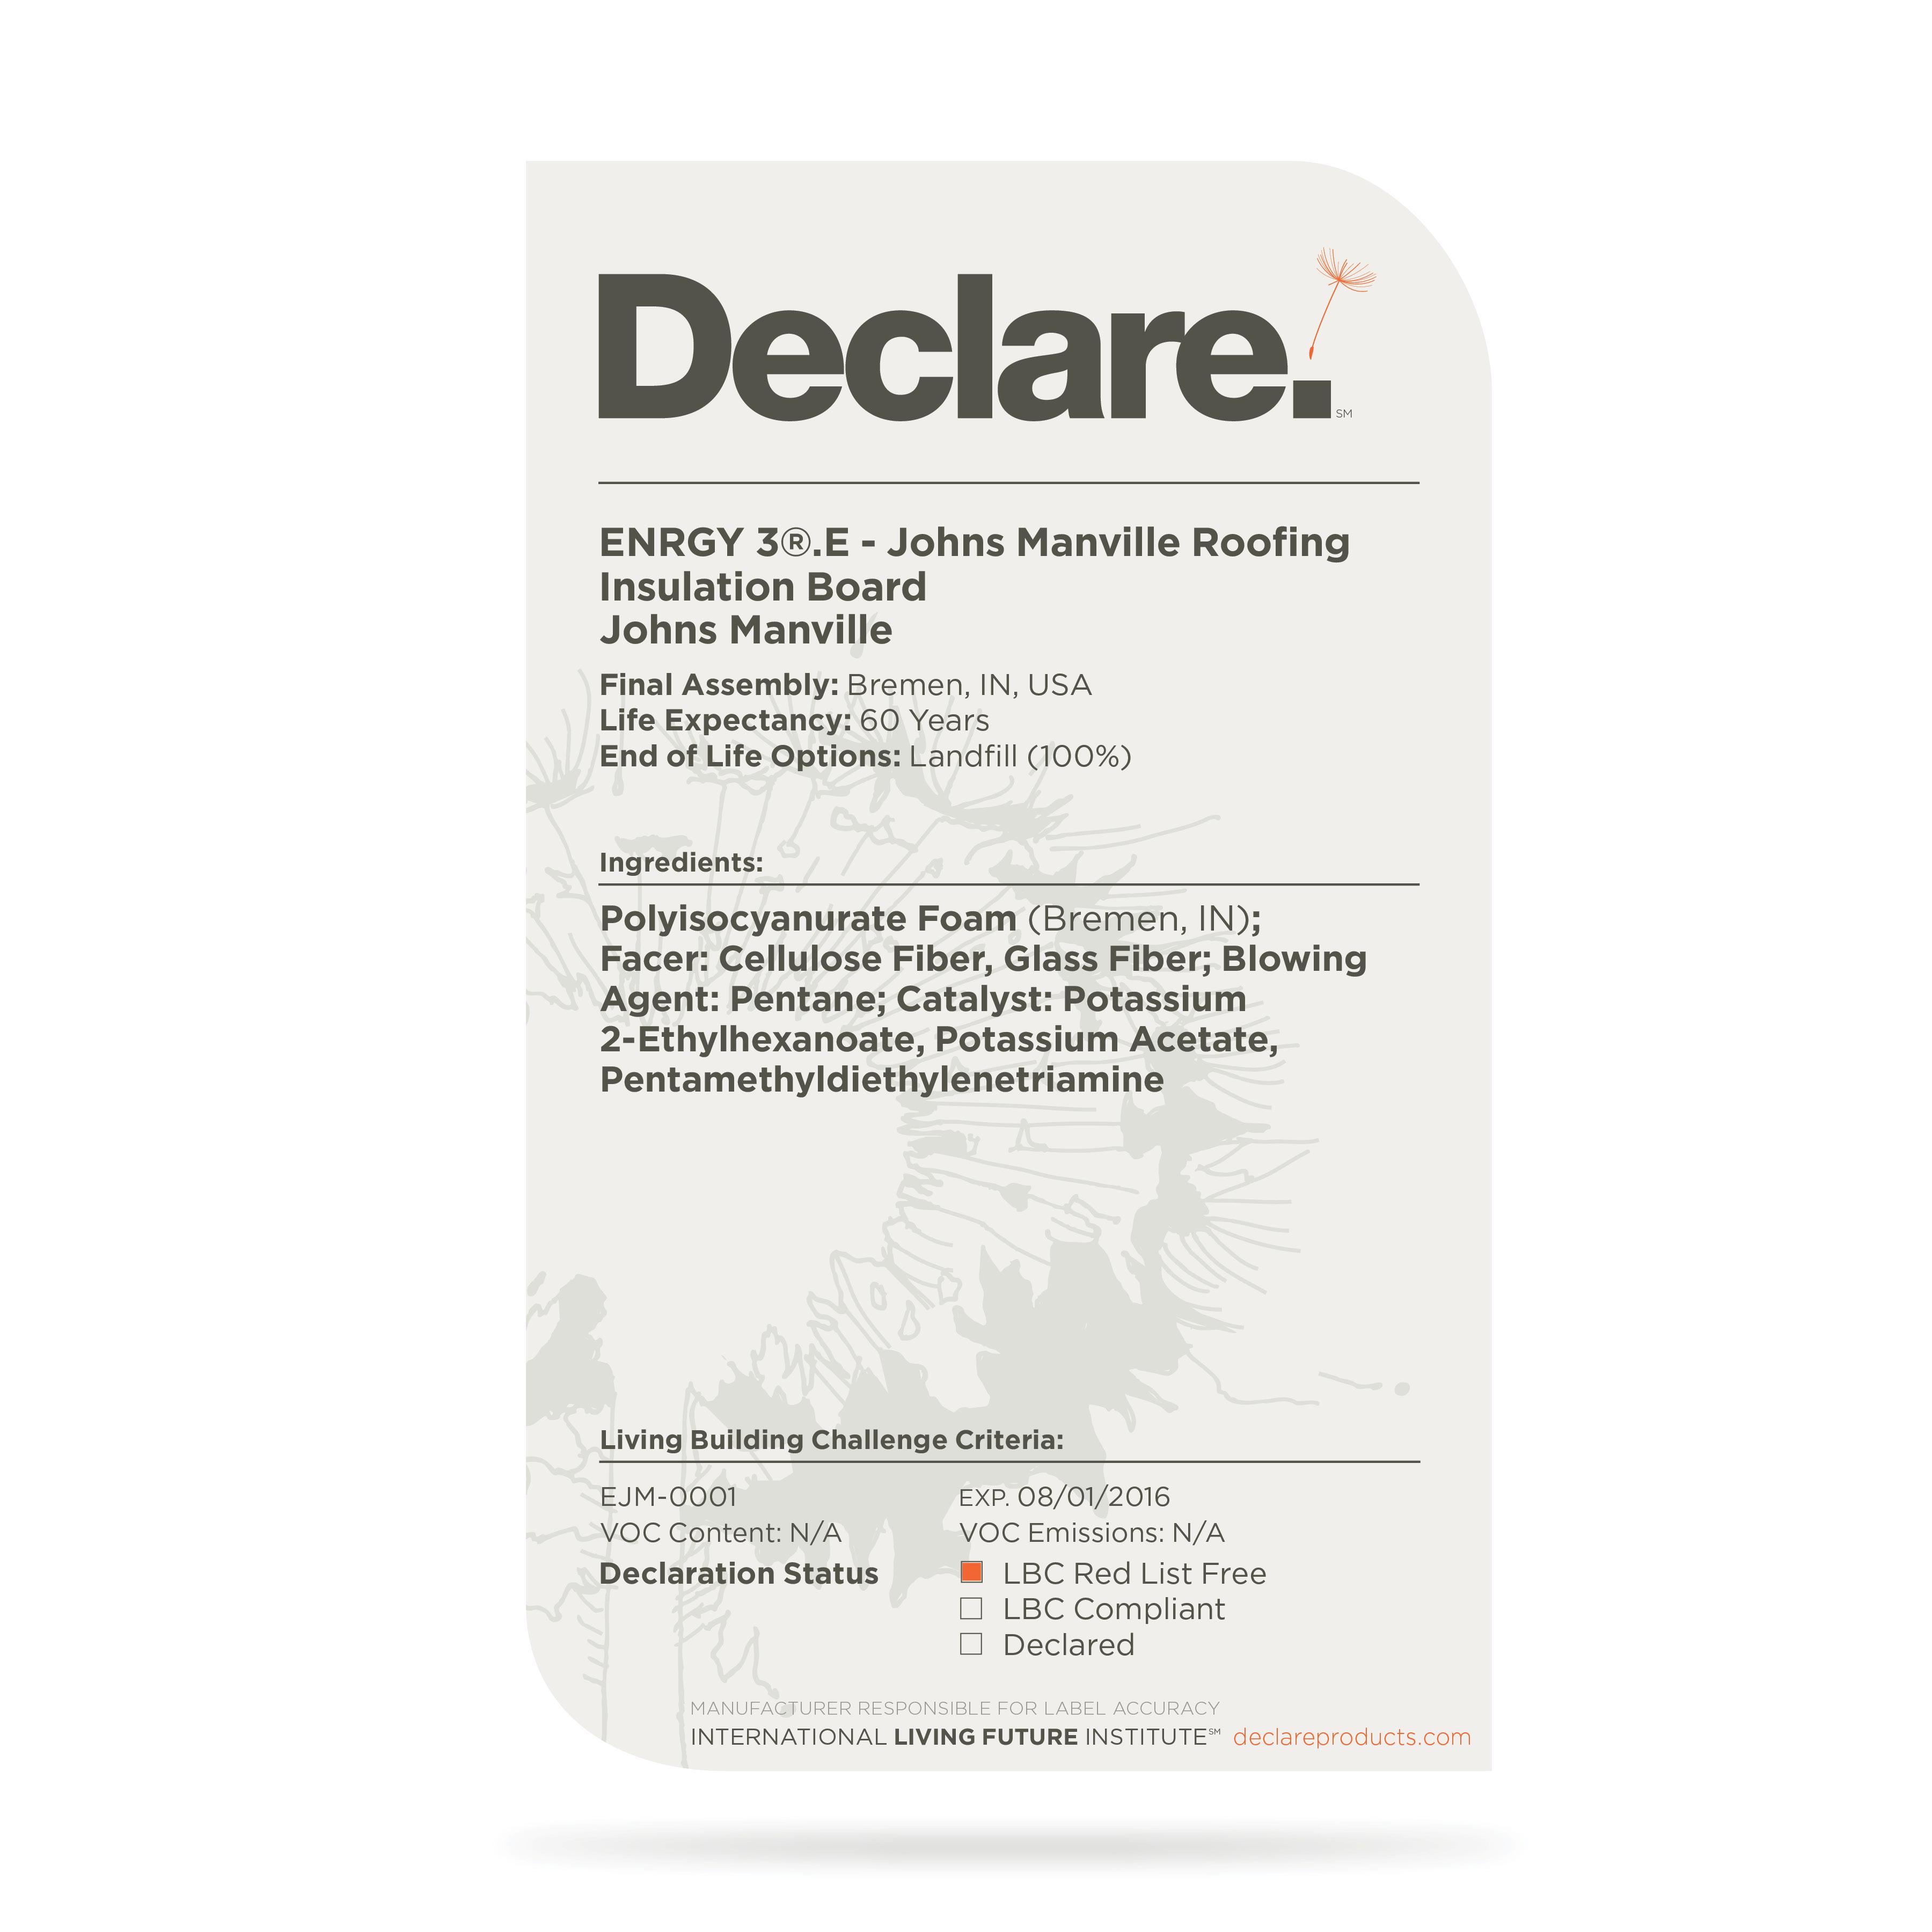 declare label